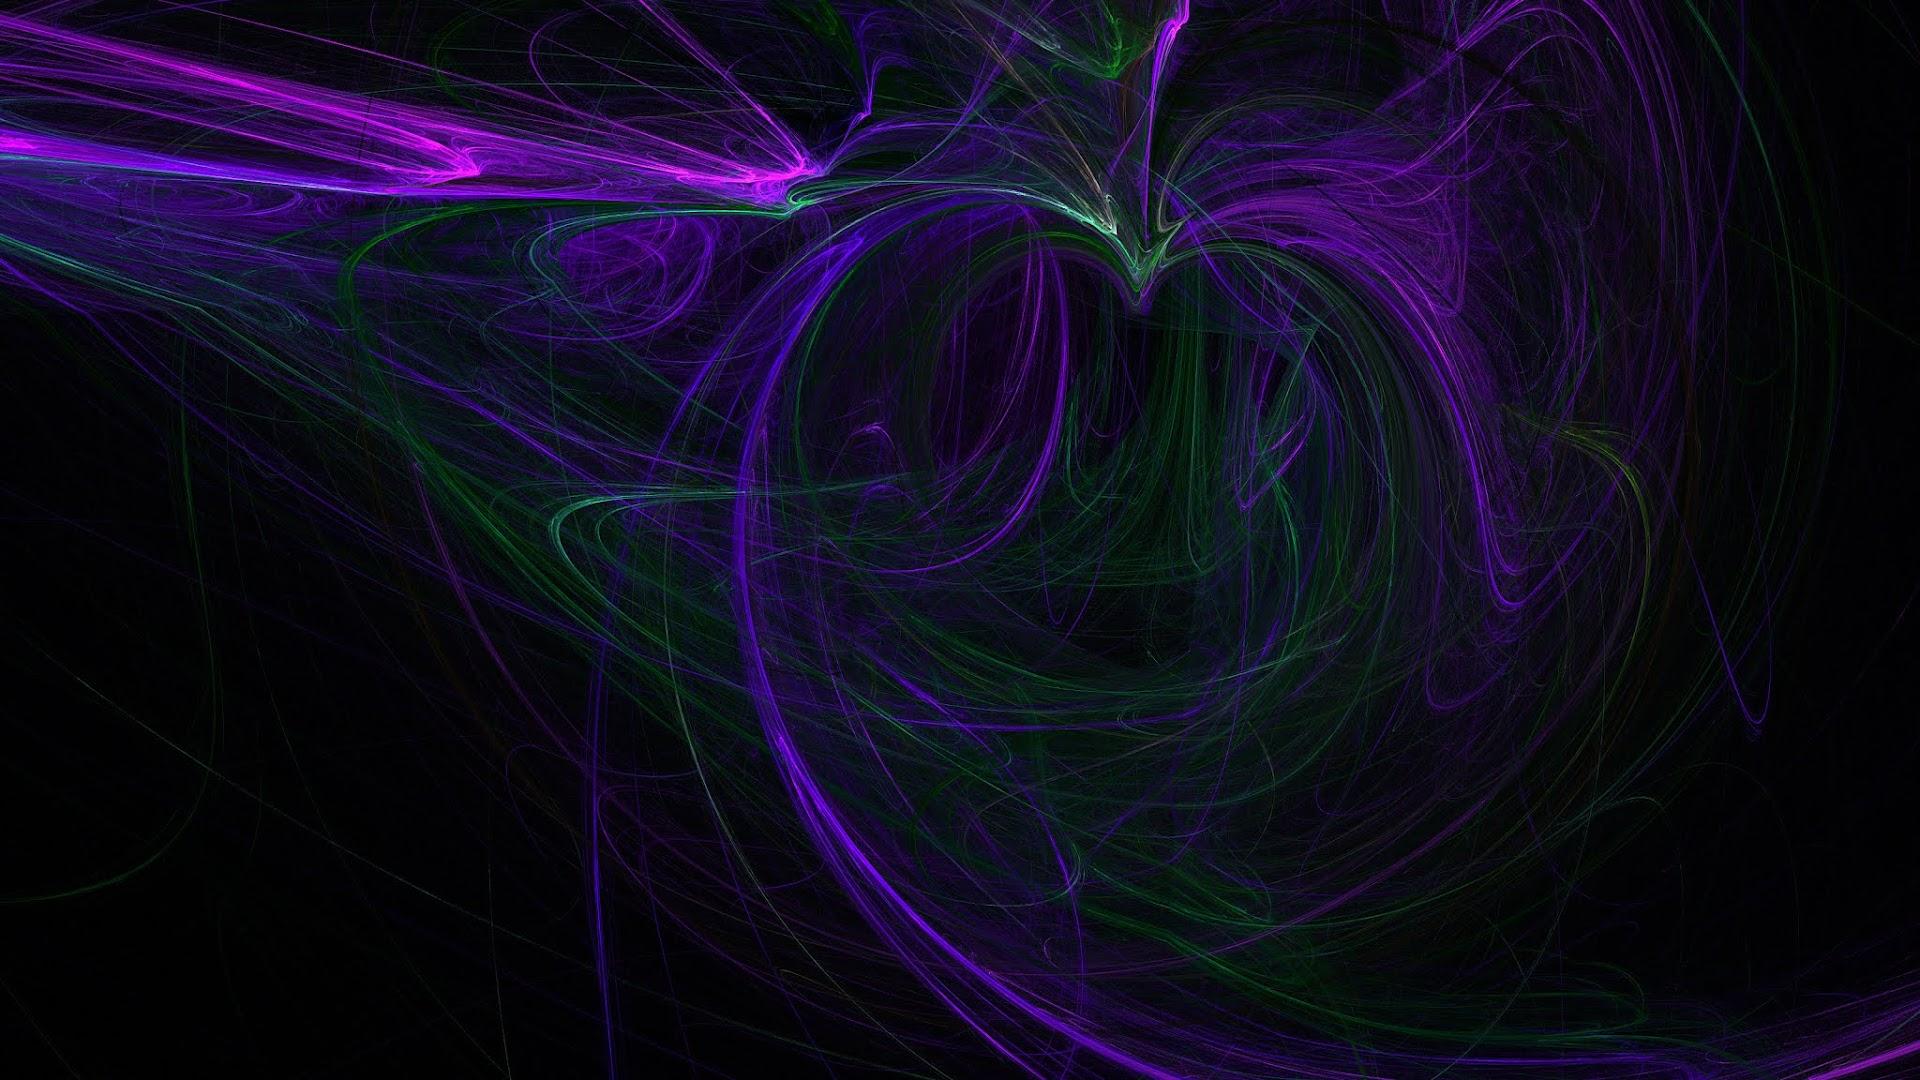 Attractive Purple Aurora Background on dark black